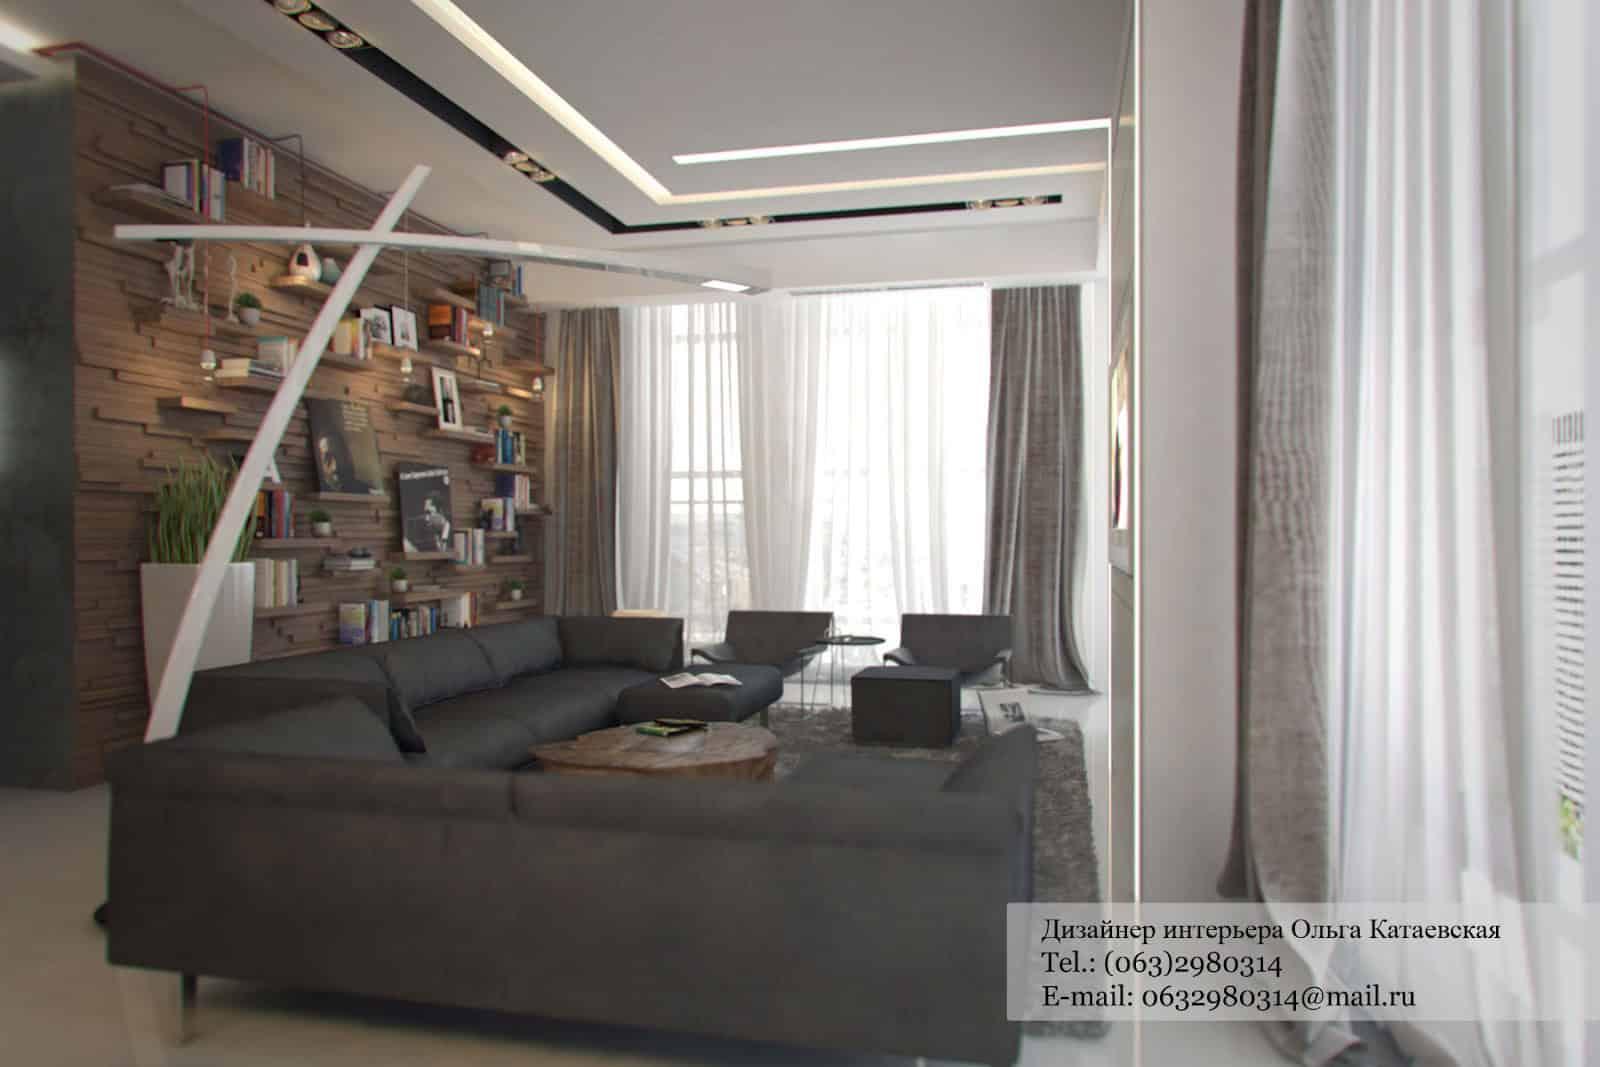 Studio Renderings by Ola Kataevskaja (4)